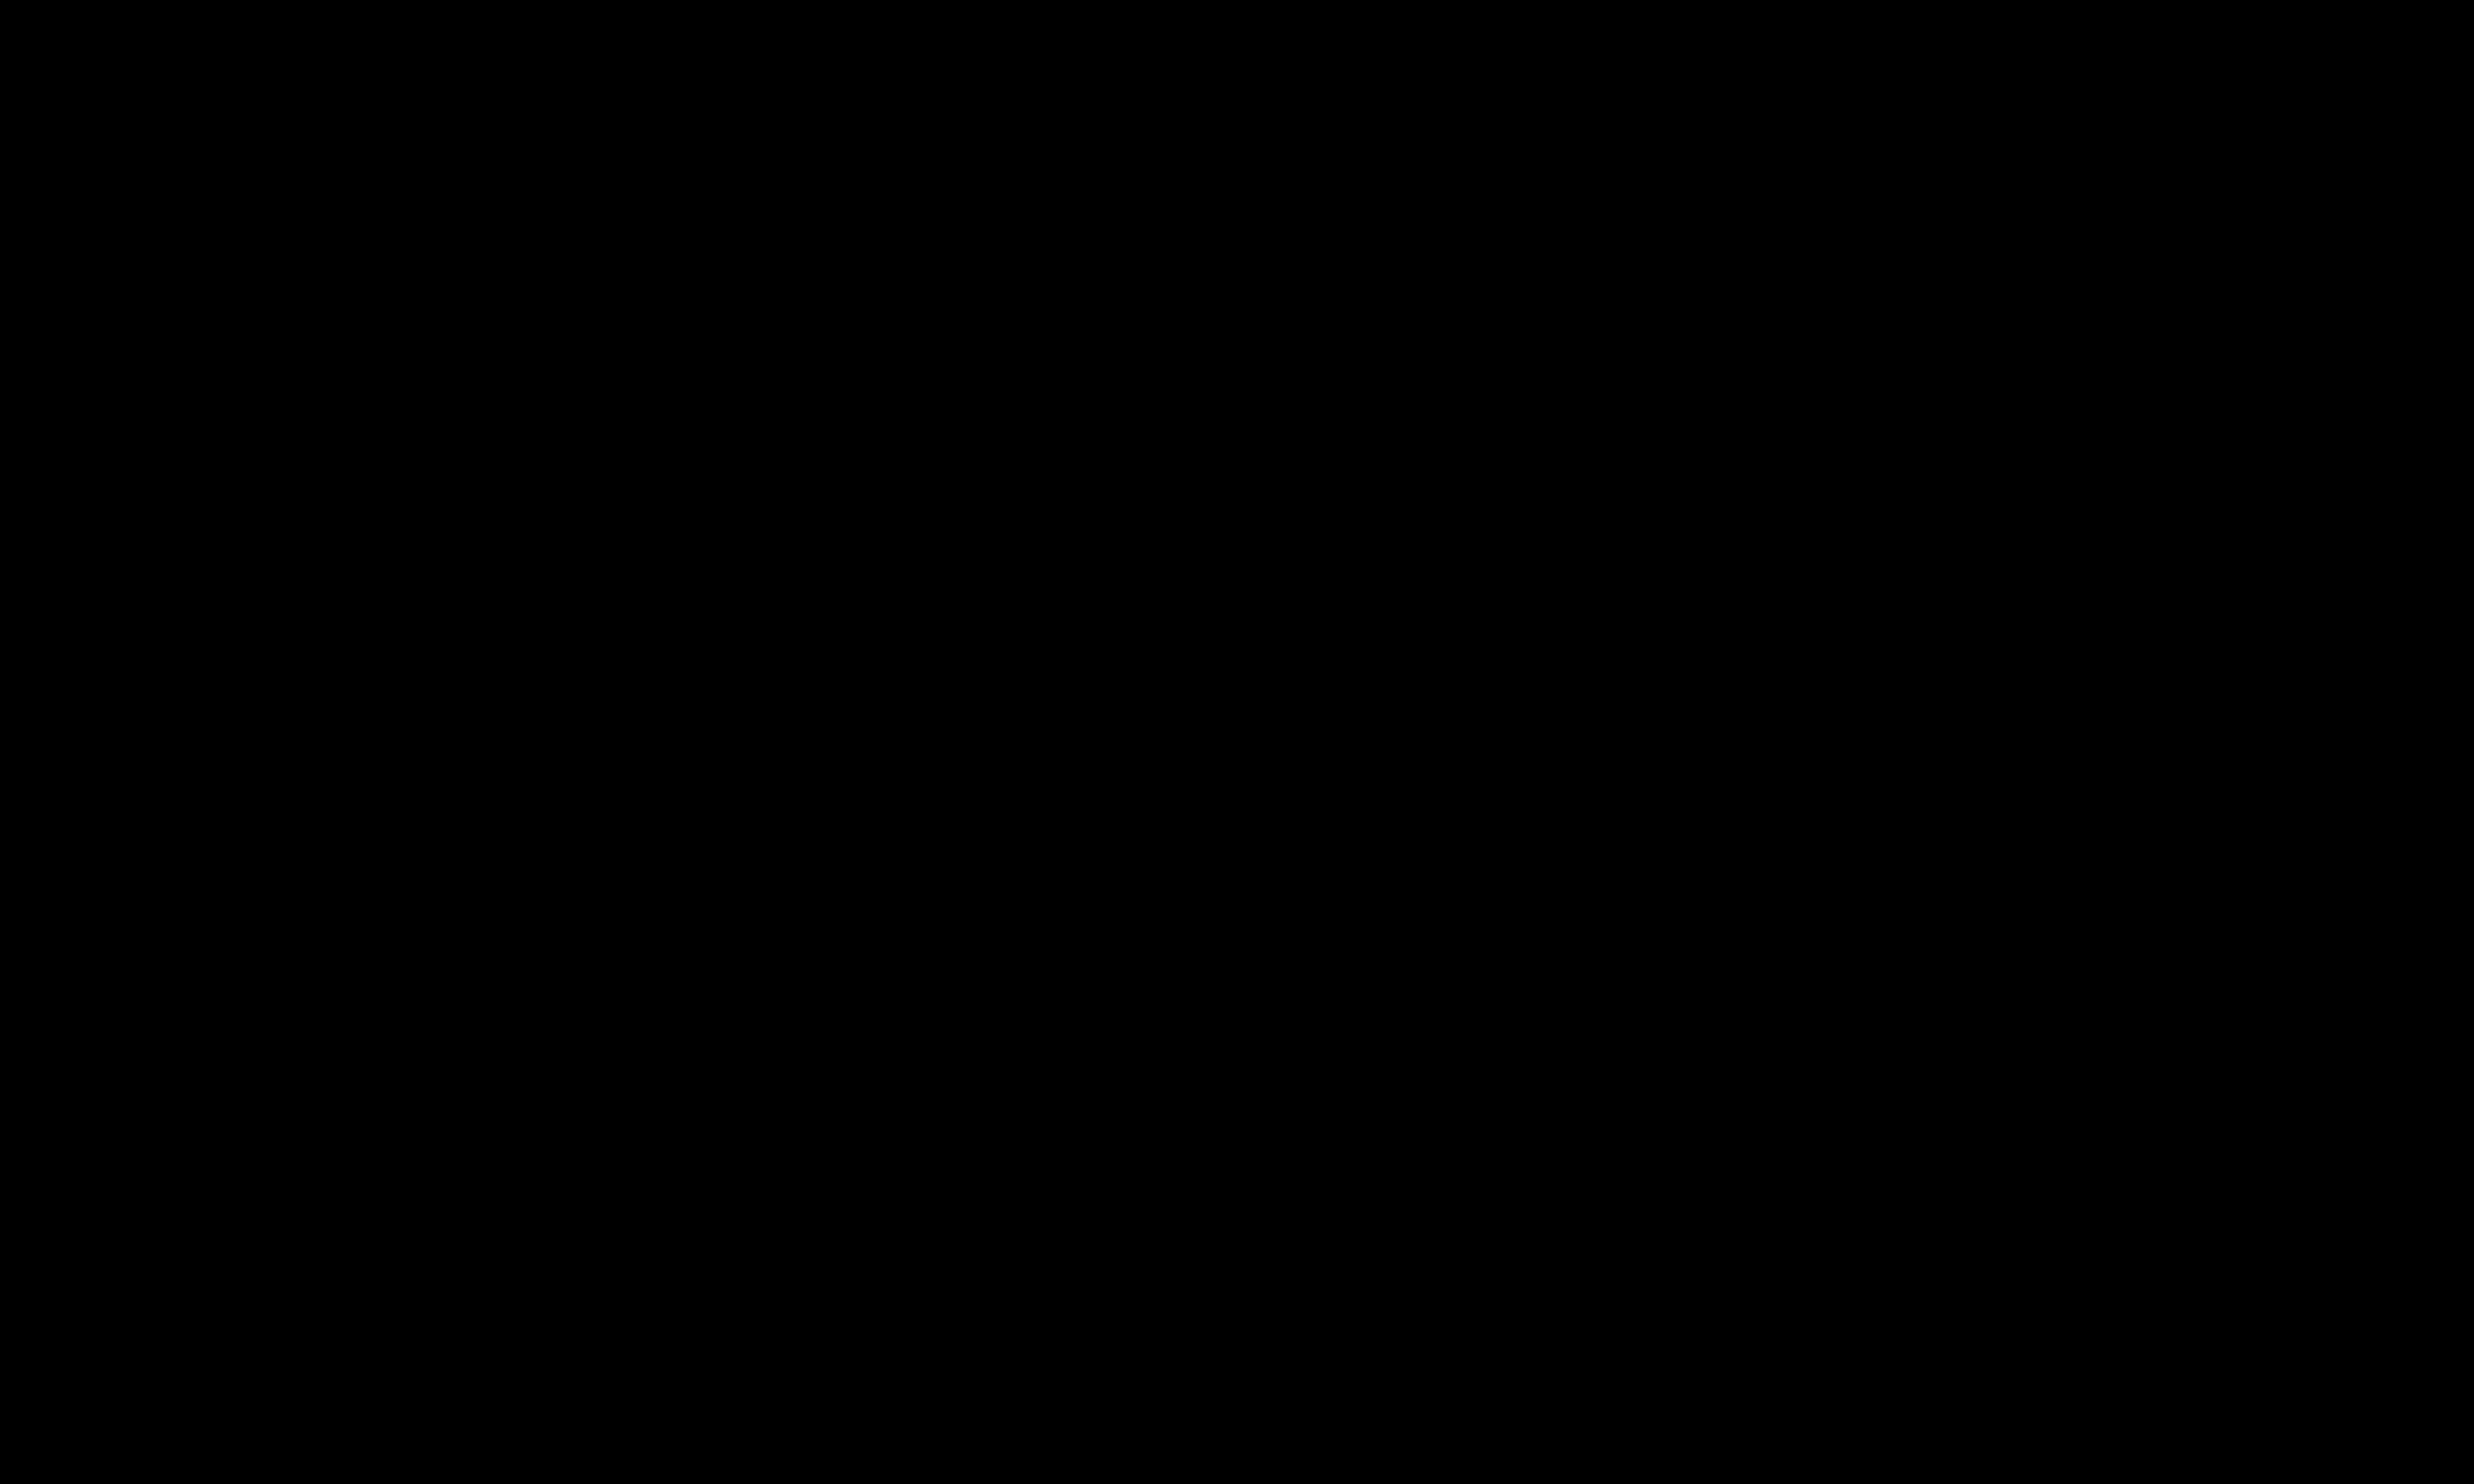 vacio-2